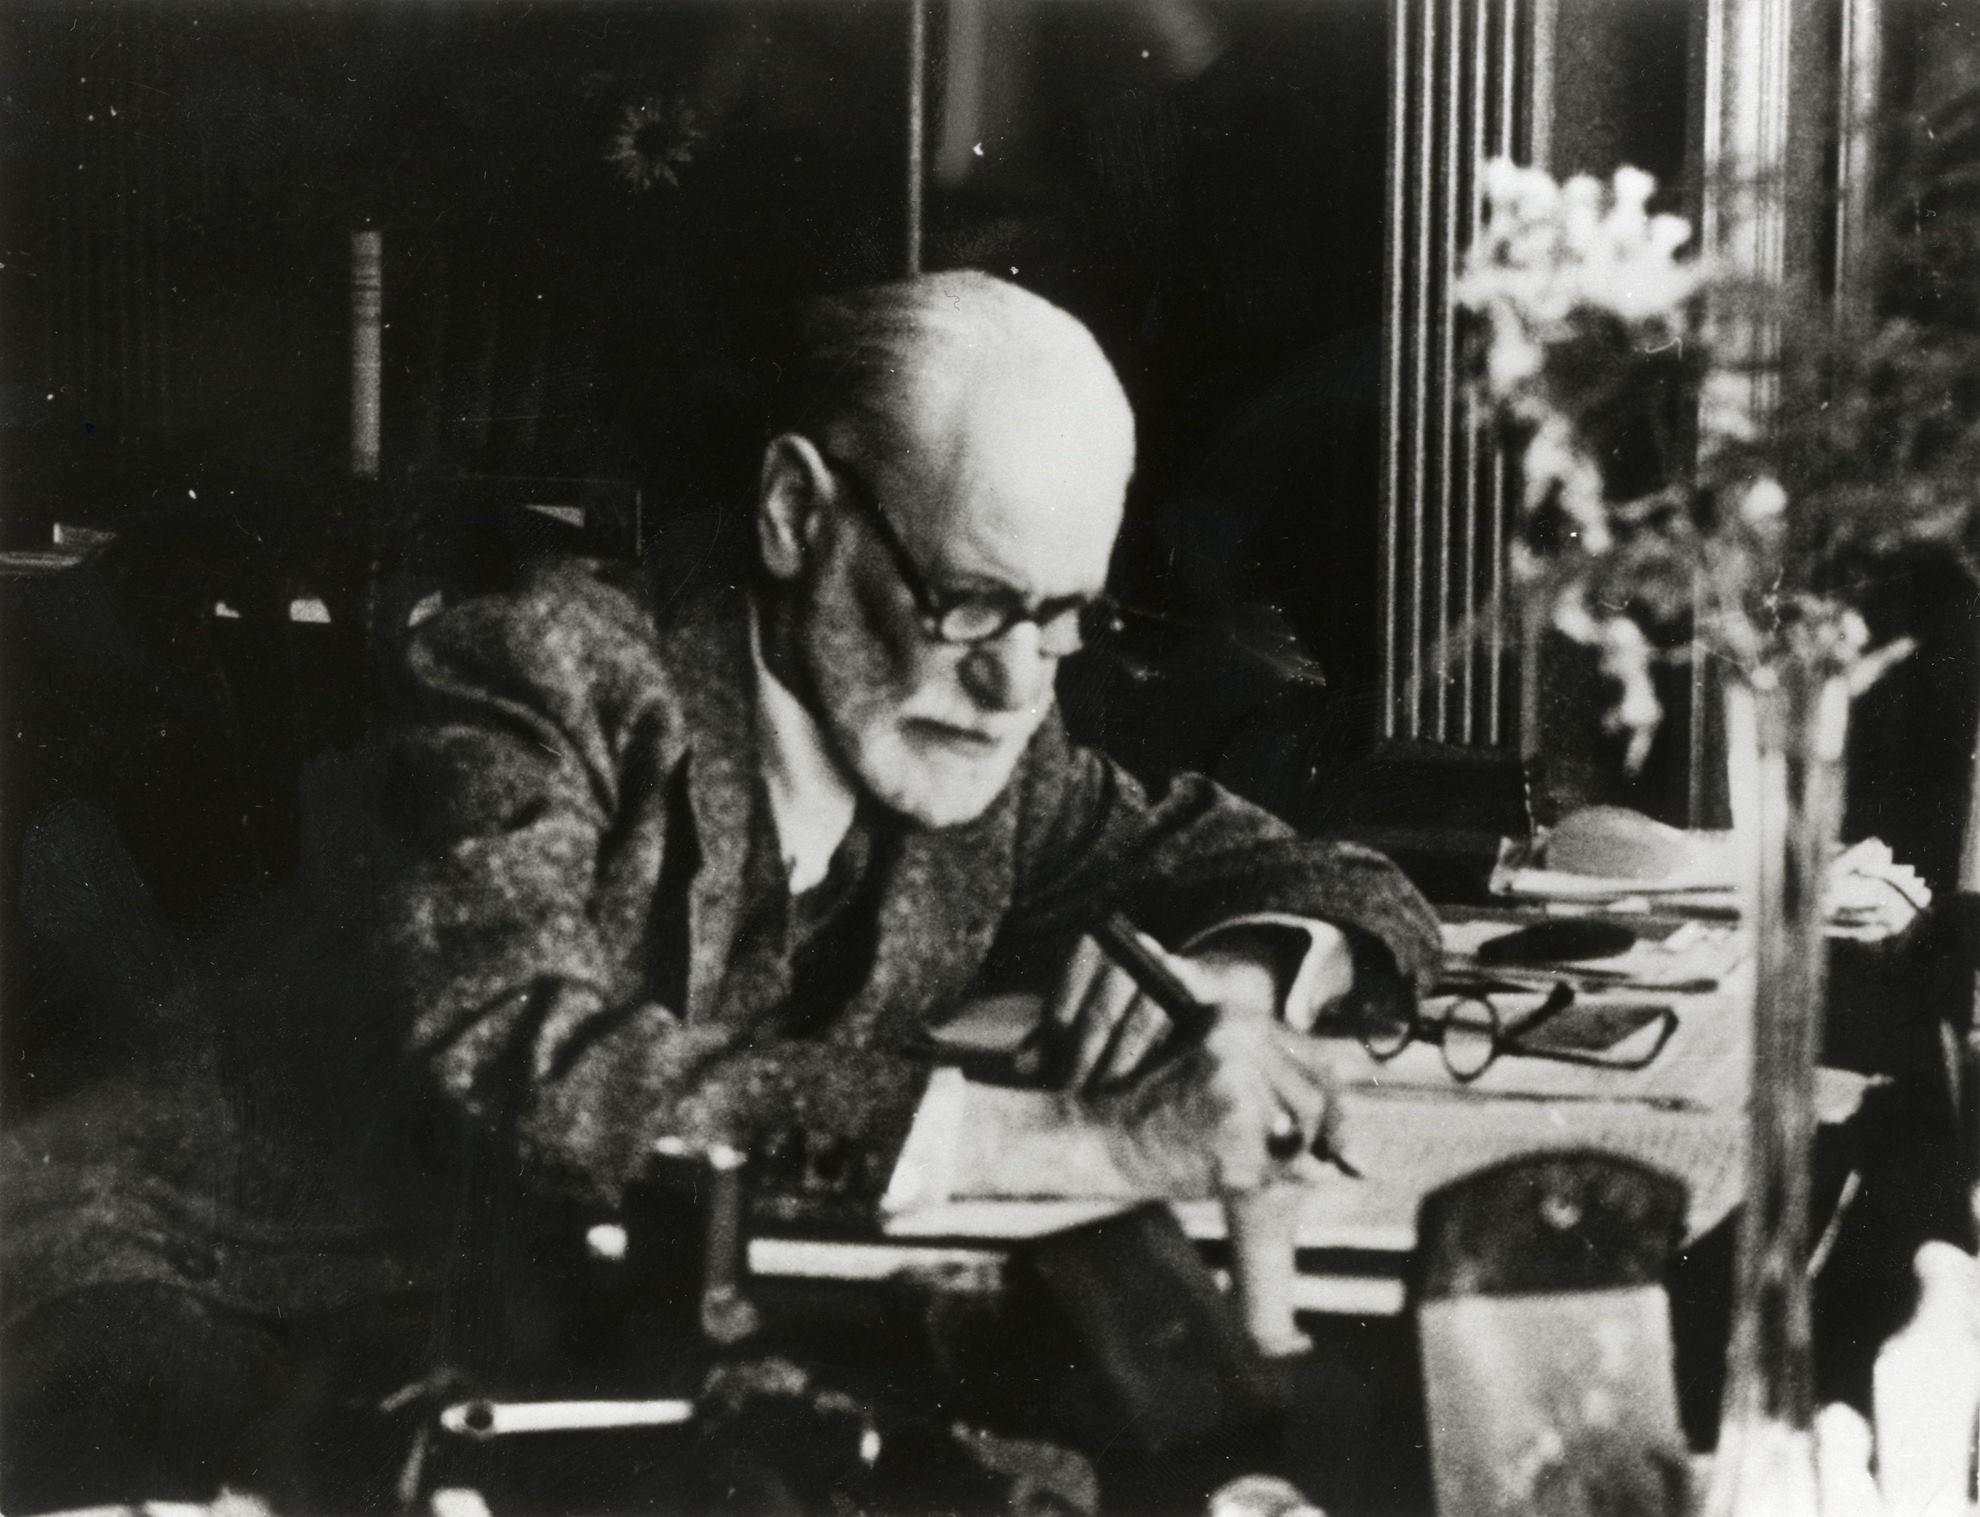 Un inedito Freud, dalla serie Netflix al nipote spin doctor